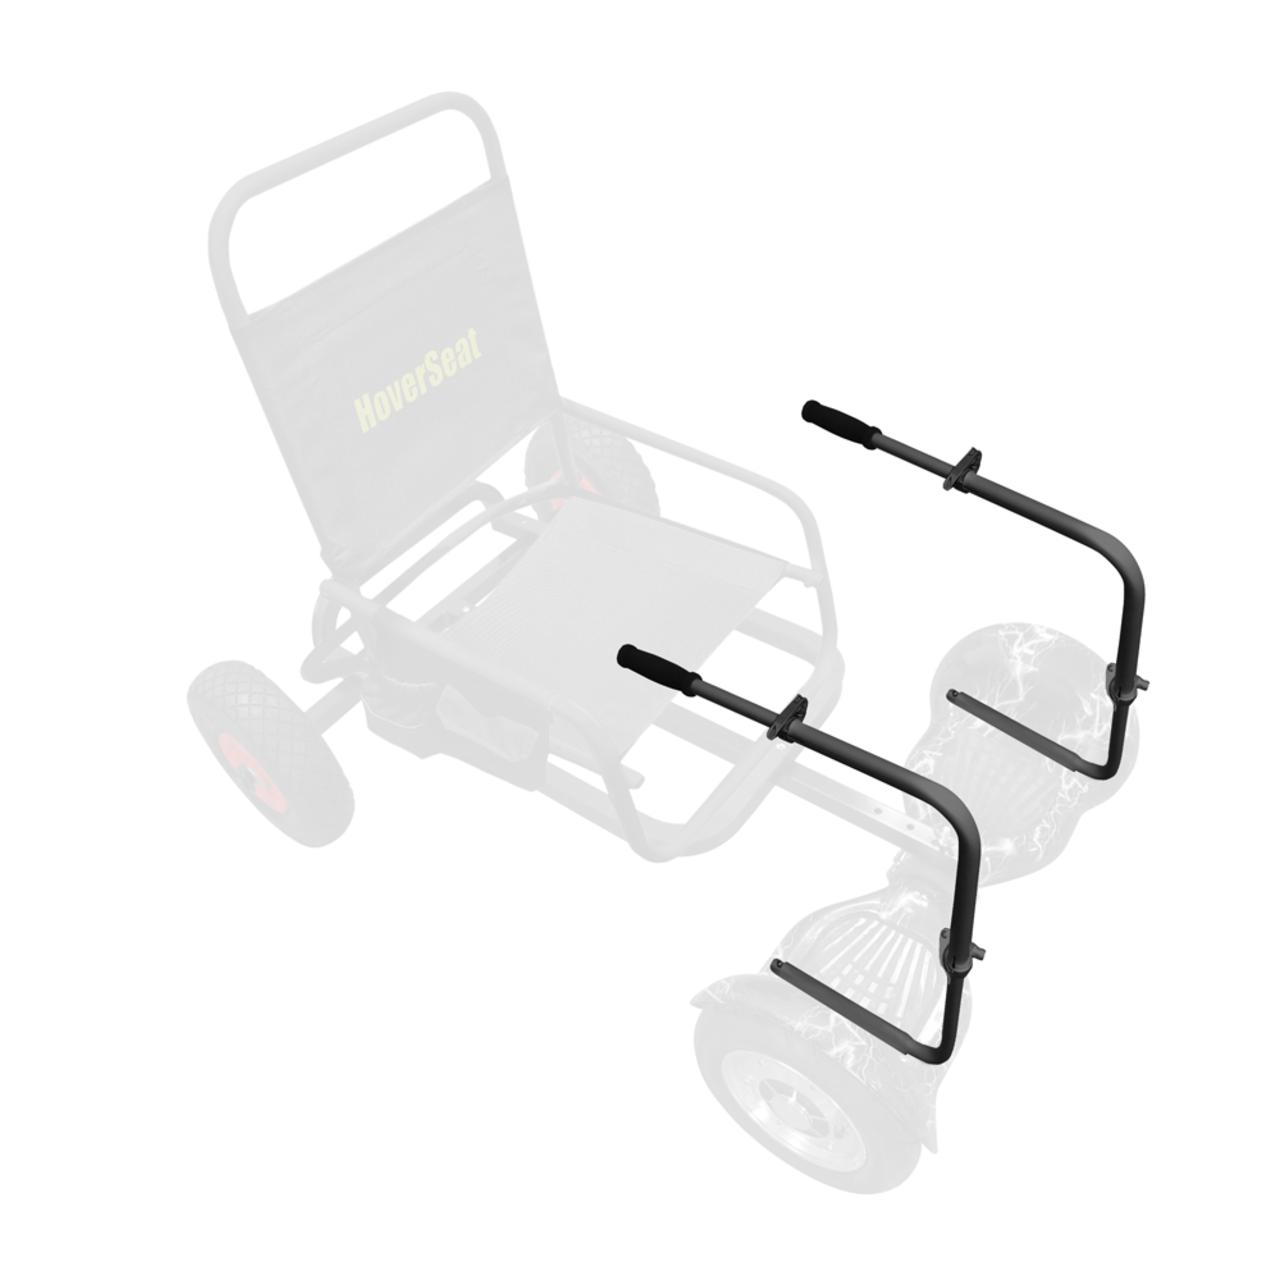 HoverSeat gör om din airboard till en elektrisk rullstol